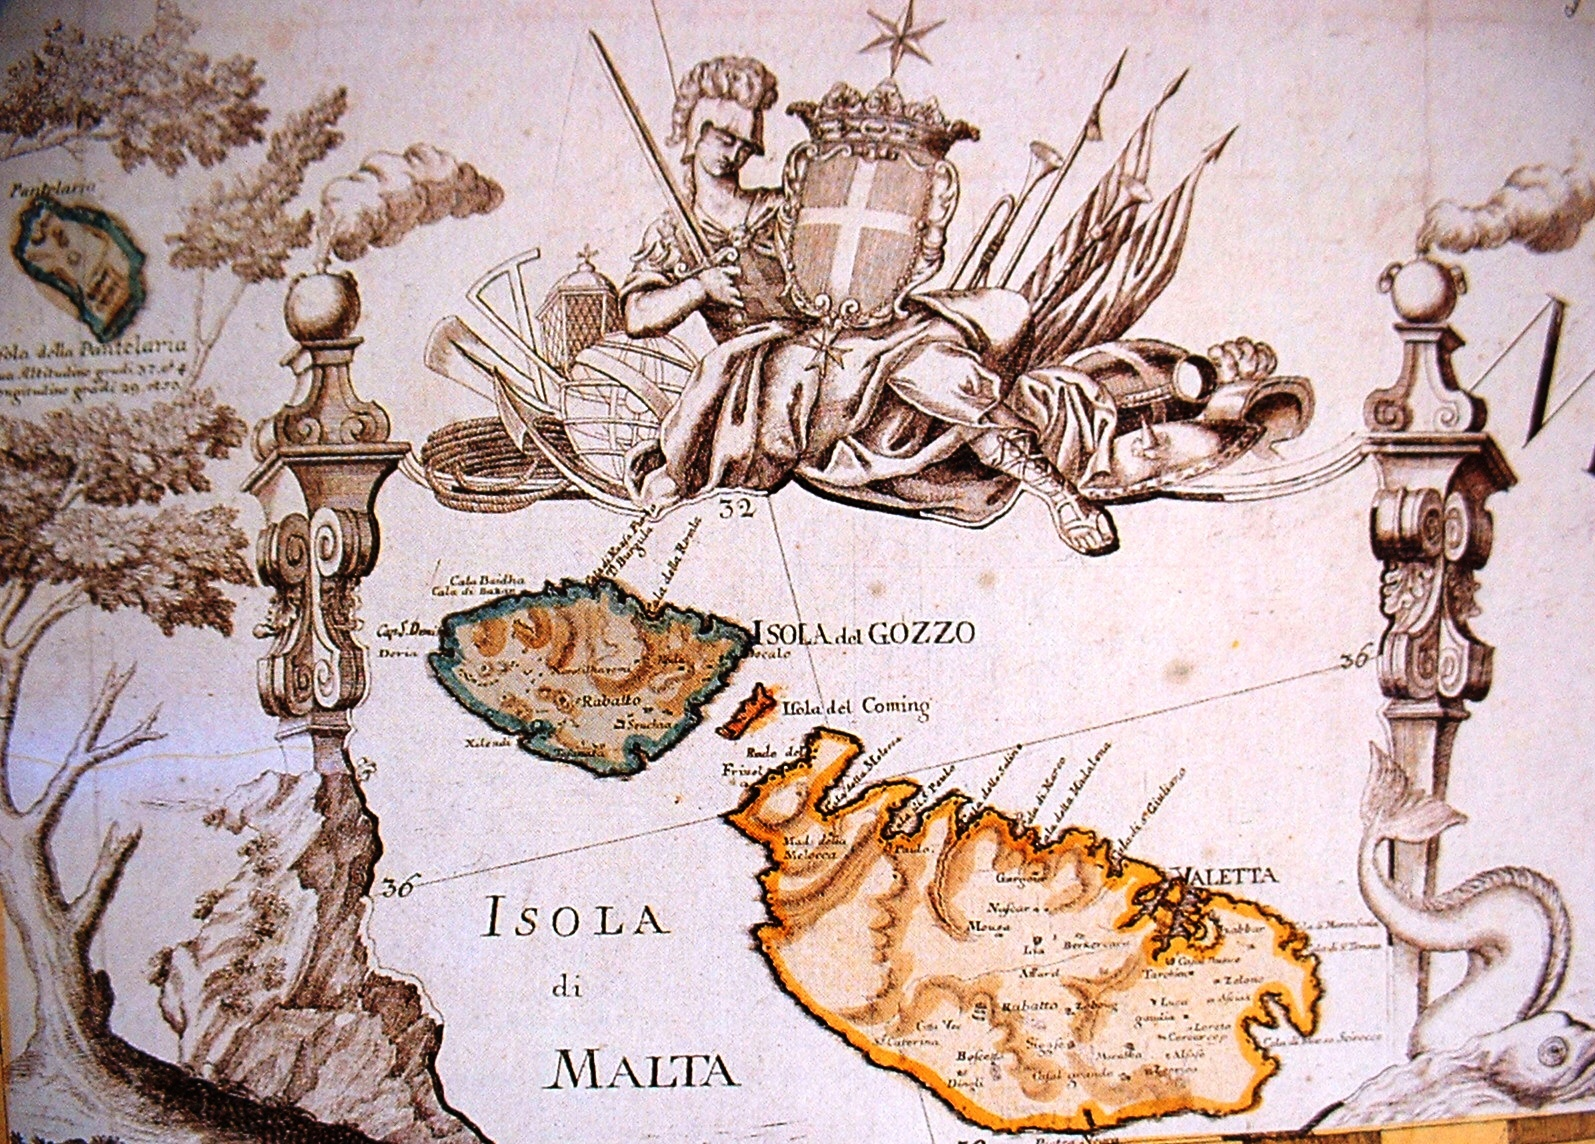 Dialoghi mediterranei periodico bimestrale dellistituto euroarabo copertina isola di malta carta geografica part seconda met sec xviii thecheapjerseys Choice Image